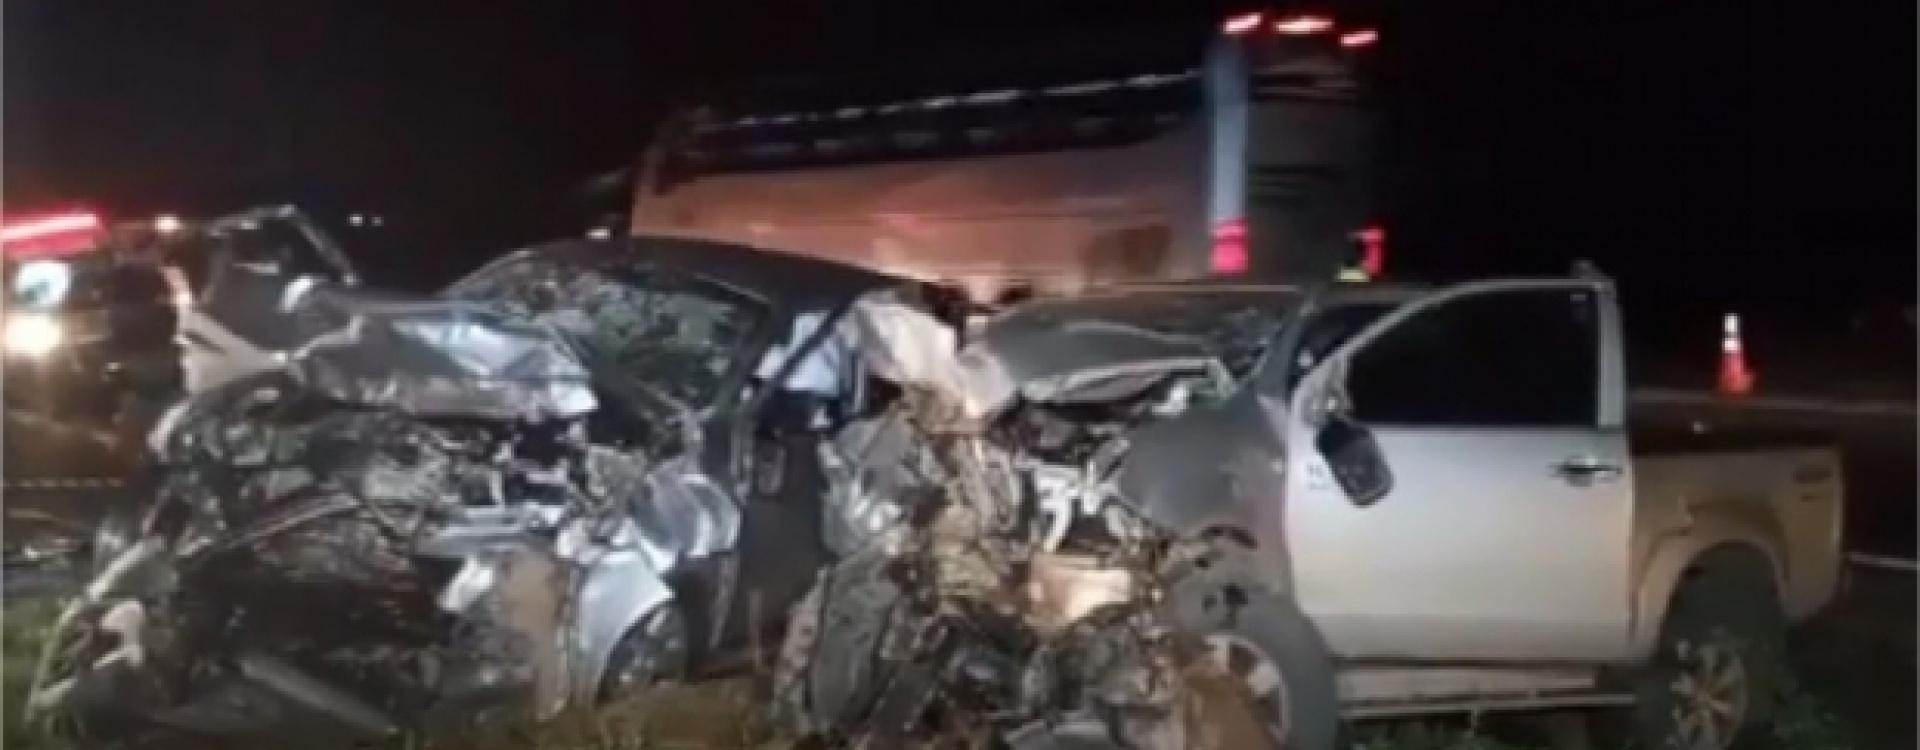 Acidente entre duas Hilux na BR-163 deixa dois mortos e vários feridos